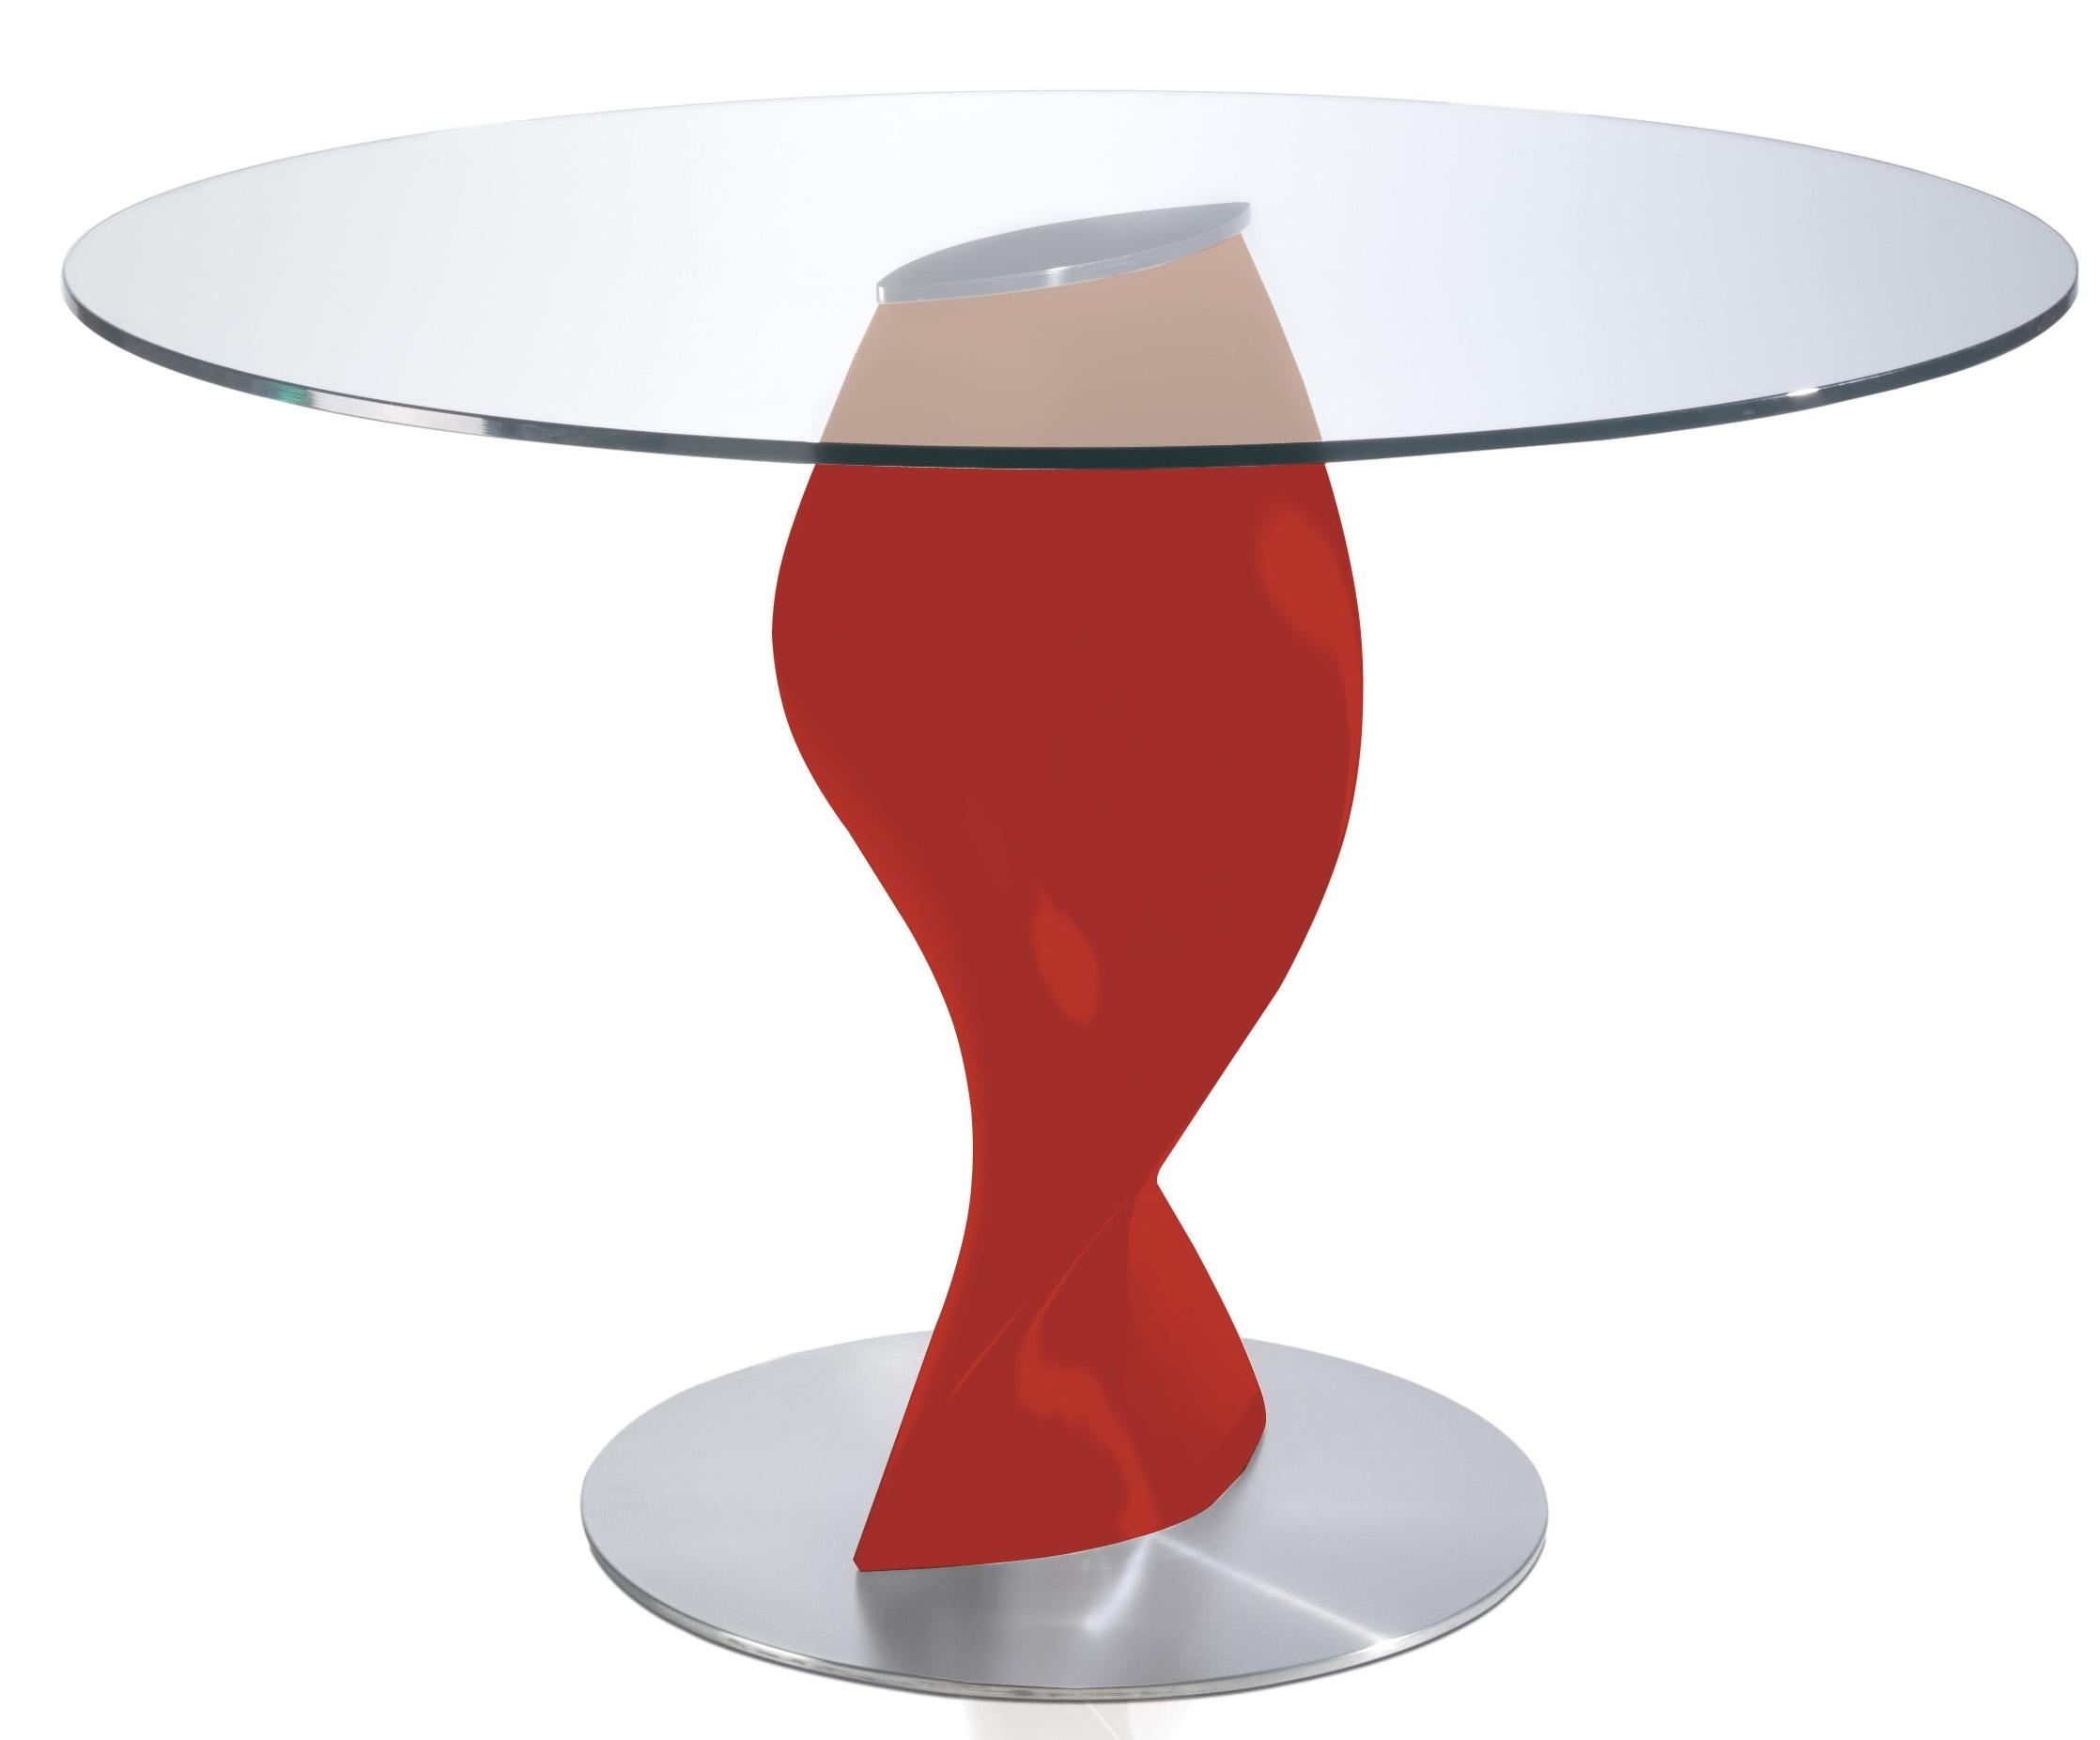 table ronde laqu e rouge en fibre de verre torsada dimensions d 110 x h 76 cm. Black Bedroom Furniture Sets. Home Design Ideas